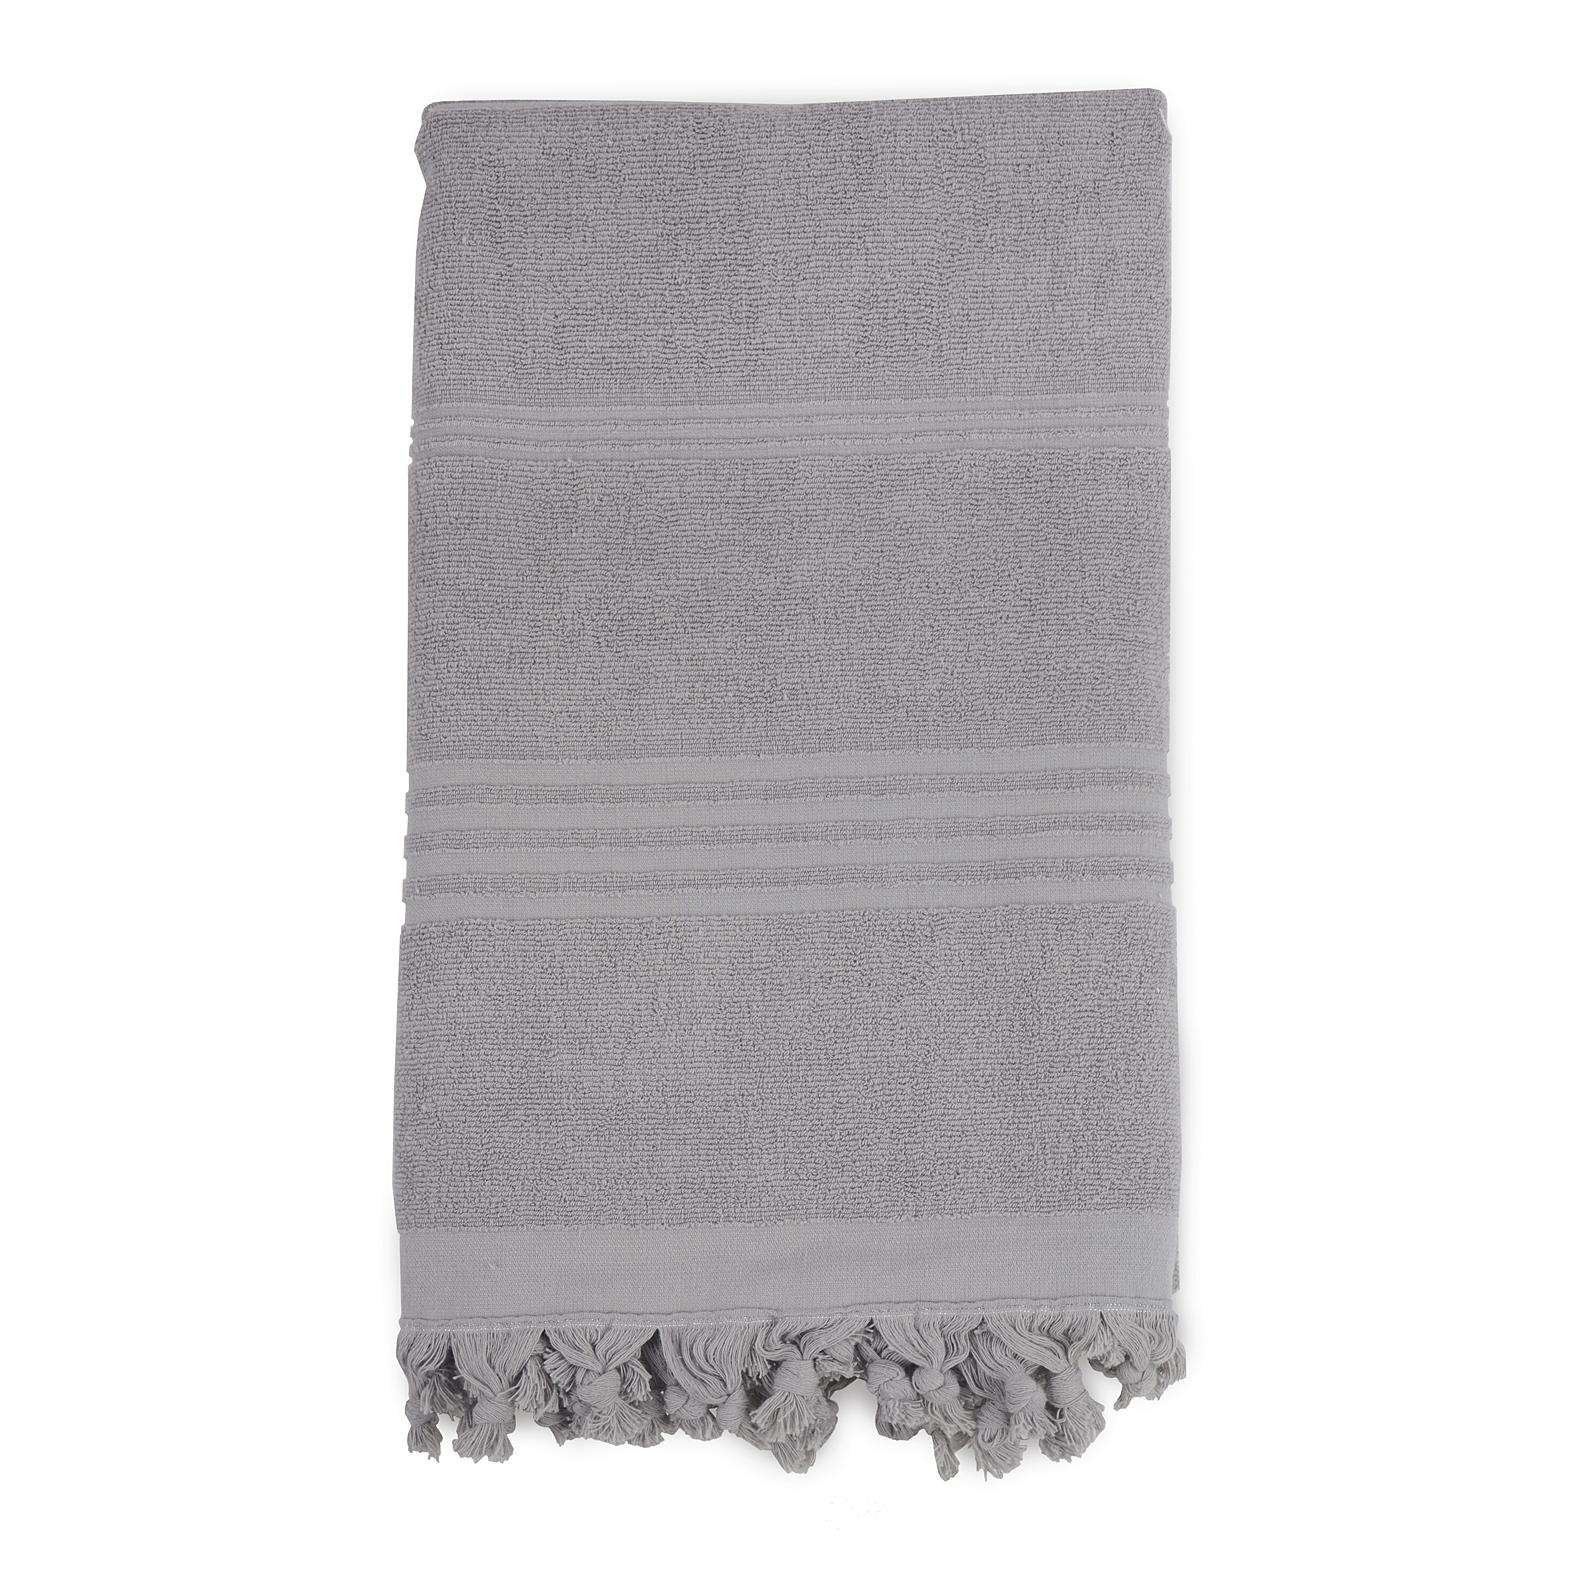 Afbeelding van 10st. Bedrukte Handdoek badstof Hamamstijl 100 x 165 cm 500 grams bedrukken handdoeken